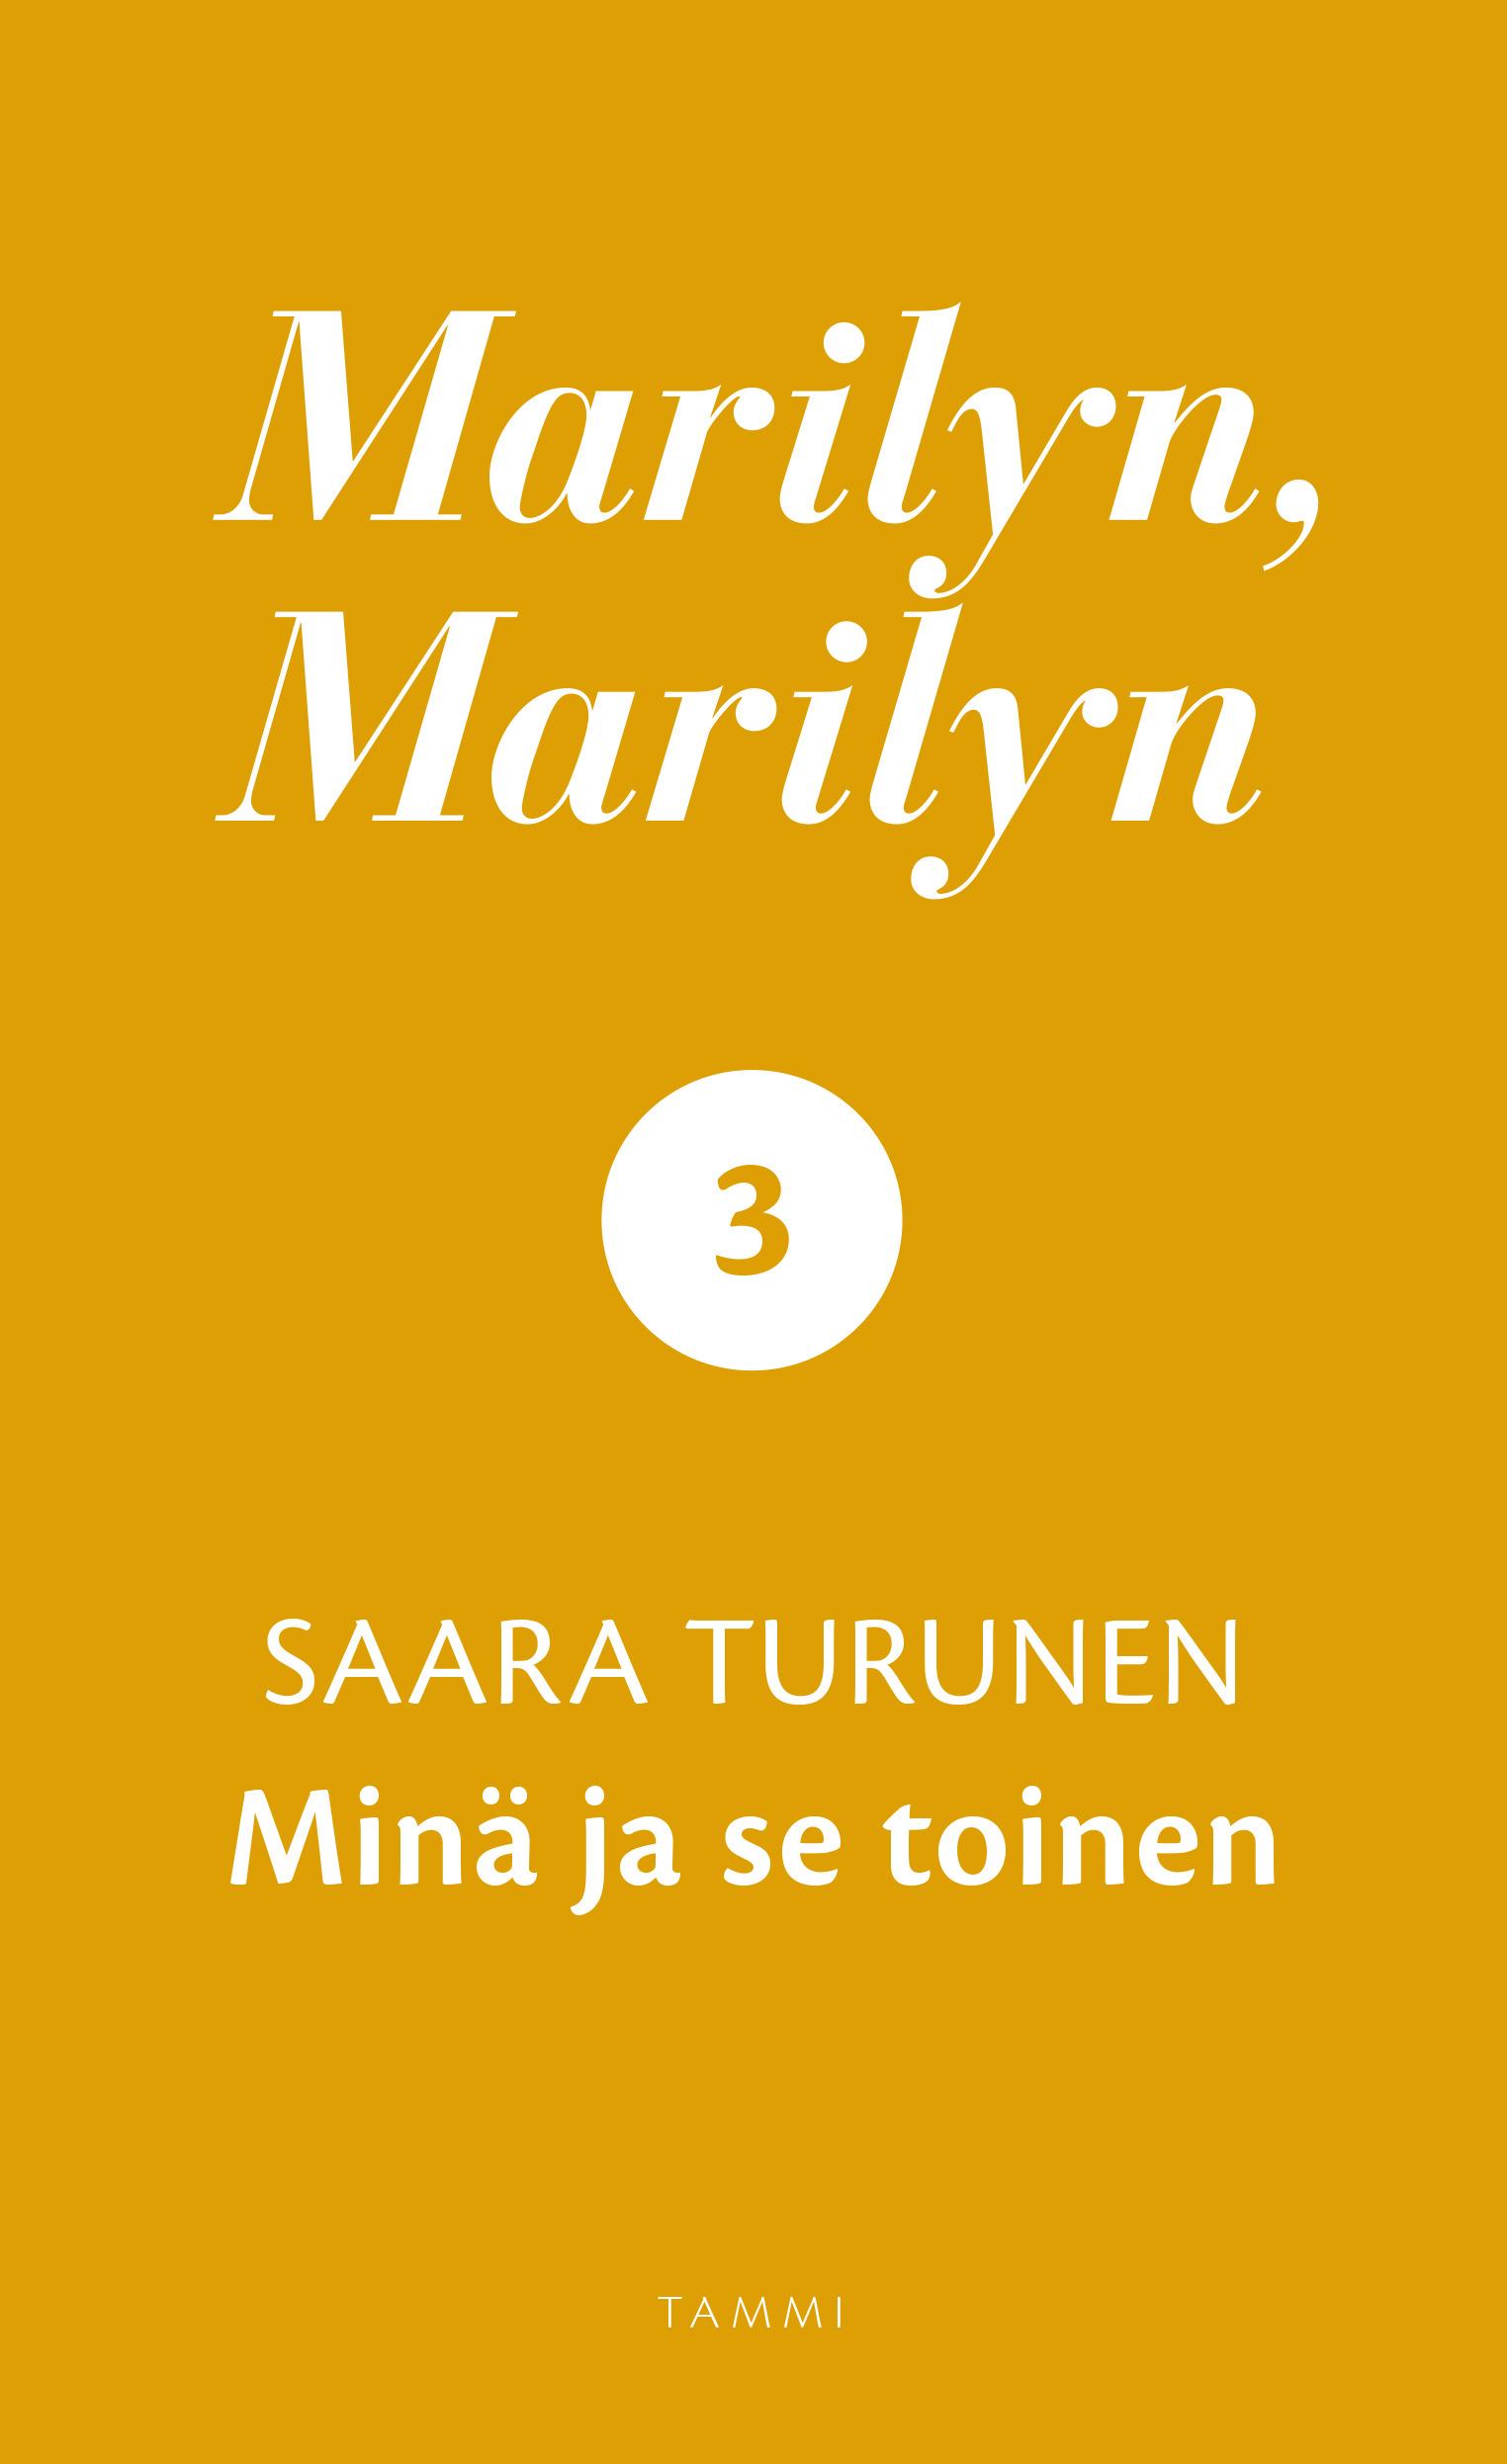 Turunen, Saara - Marilyn, Marilyn 3: Minä ja se toinen, e-kirja